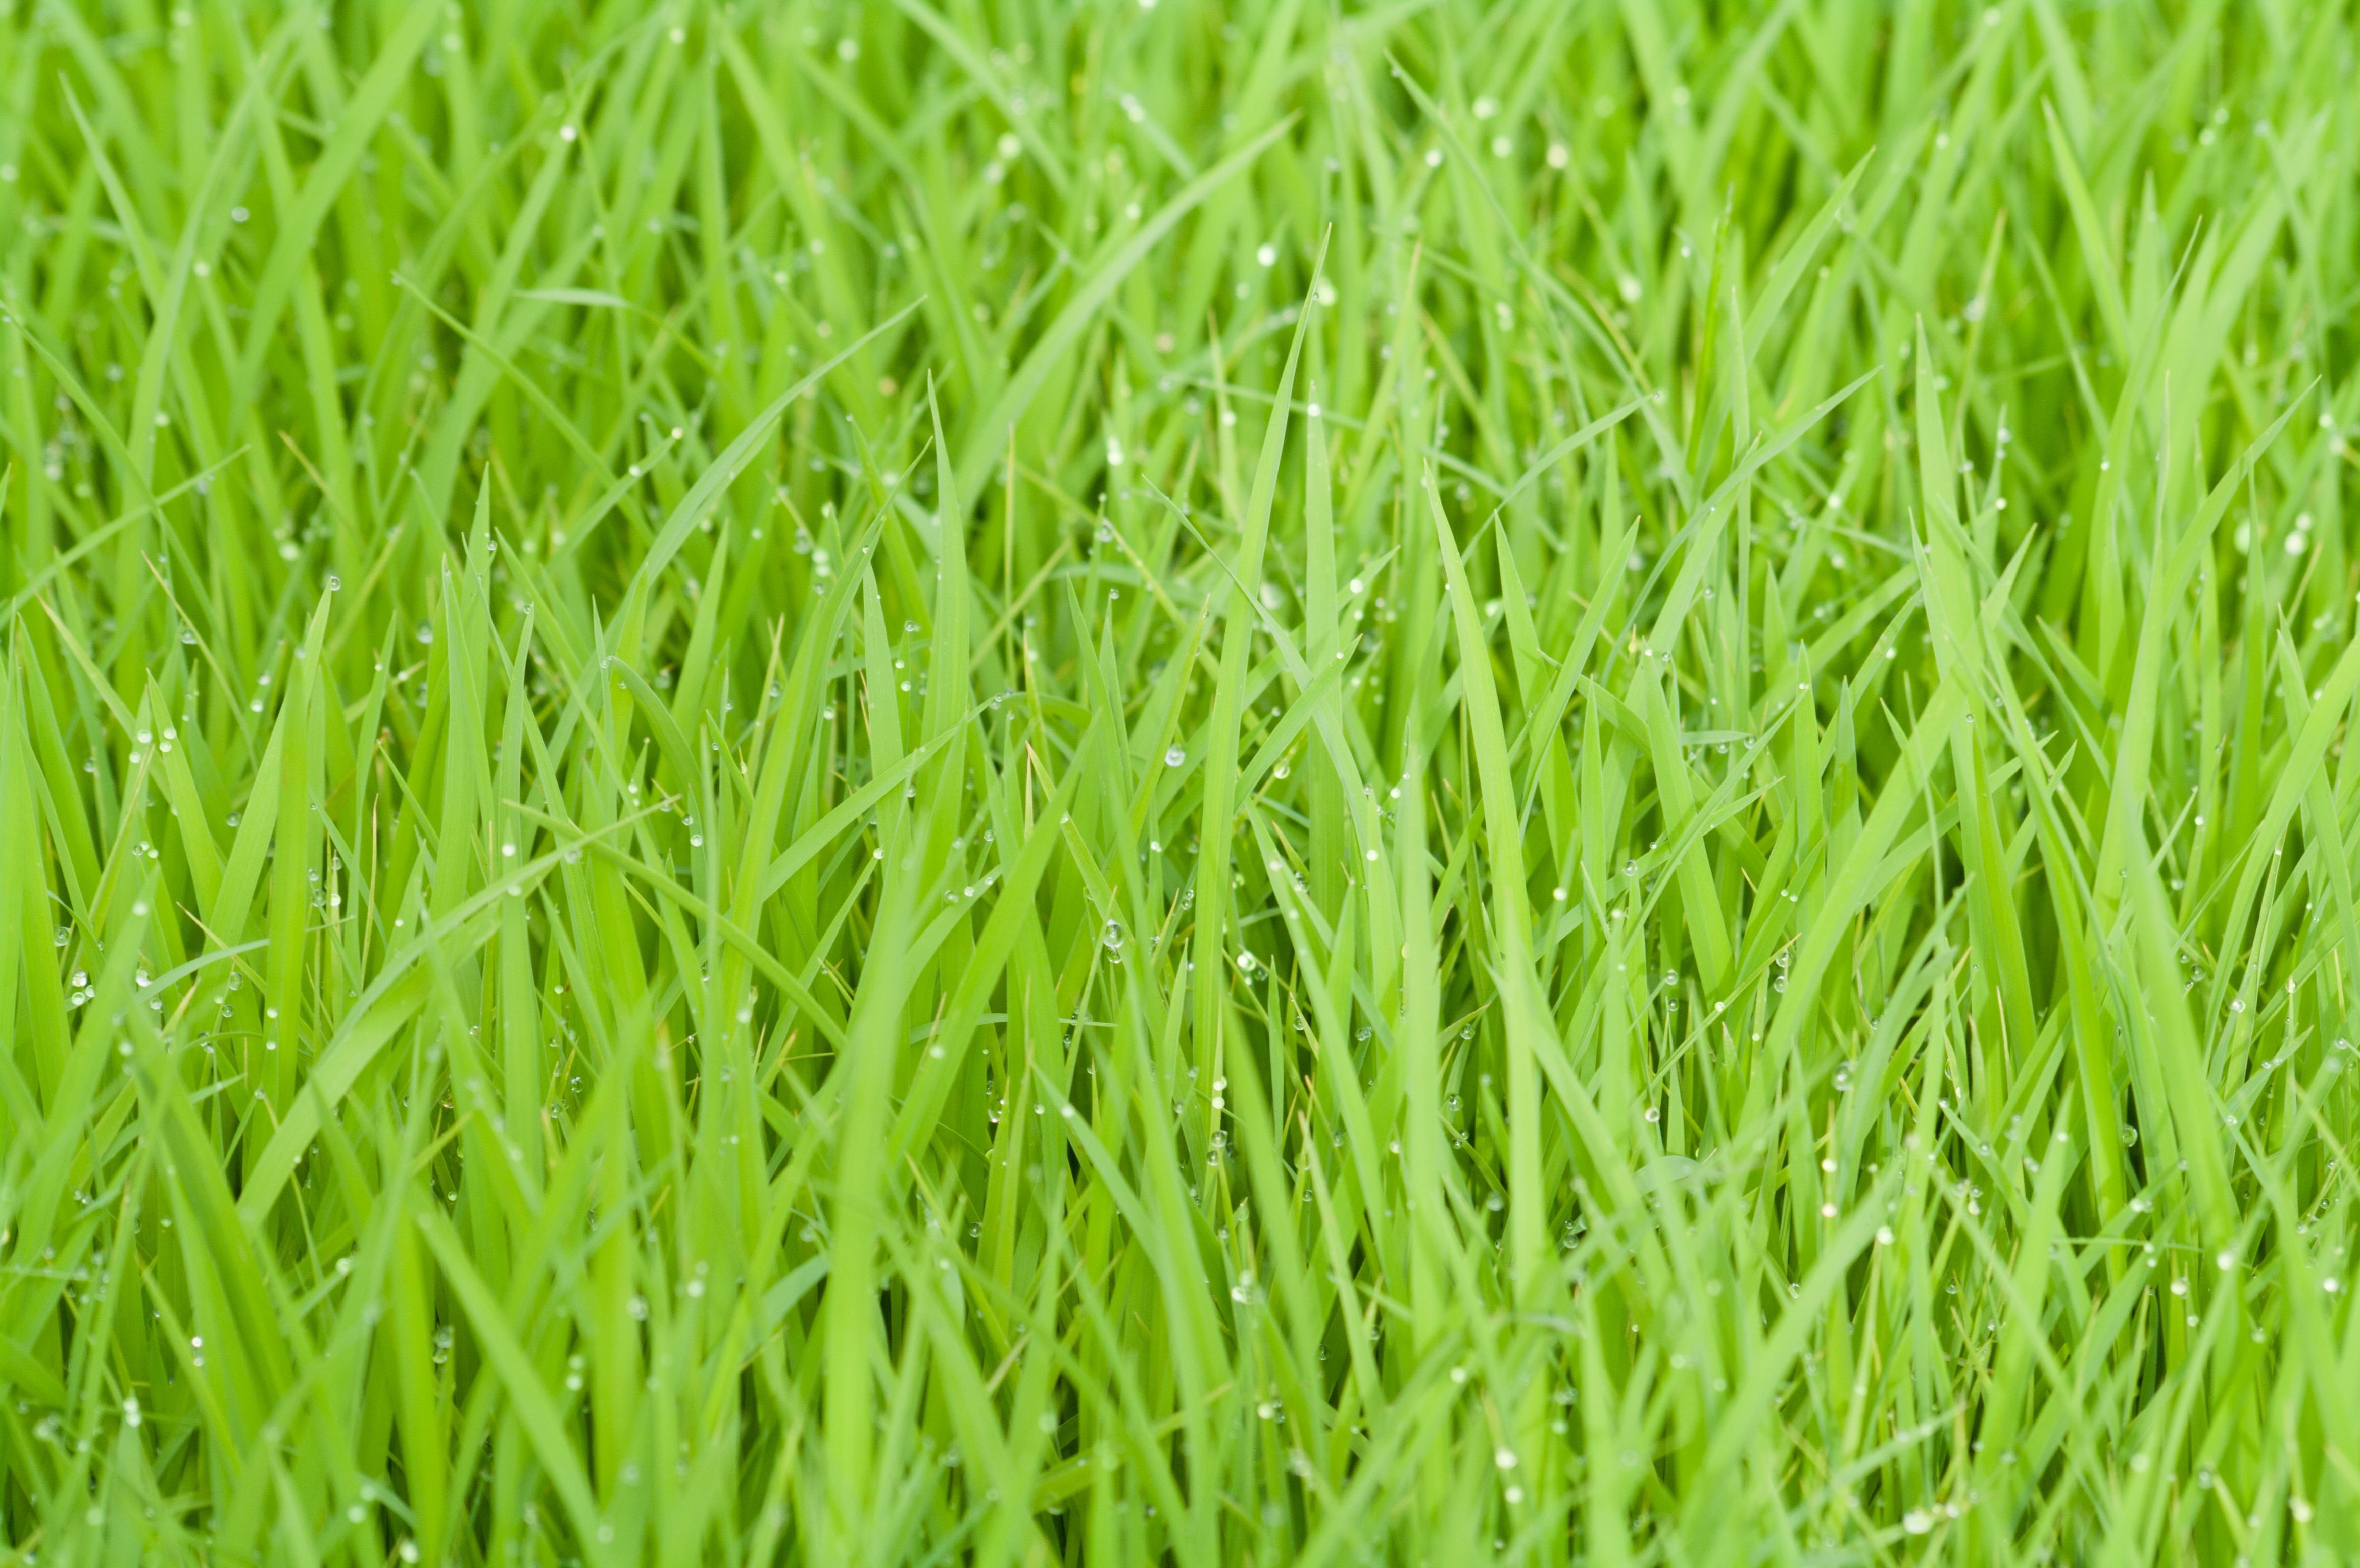 rice-field-green-grass-nature-53615.jpeg